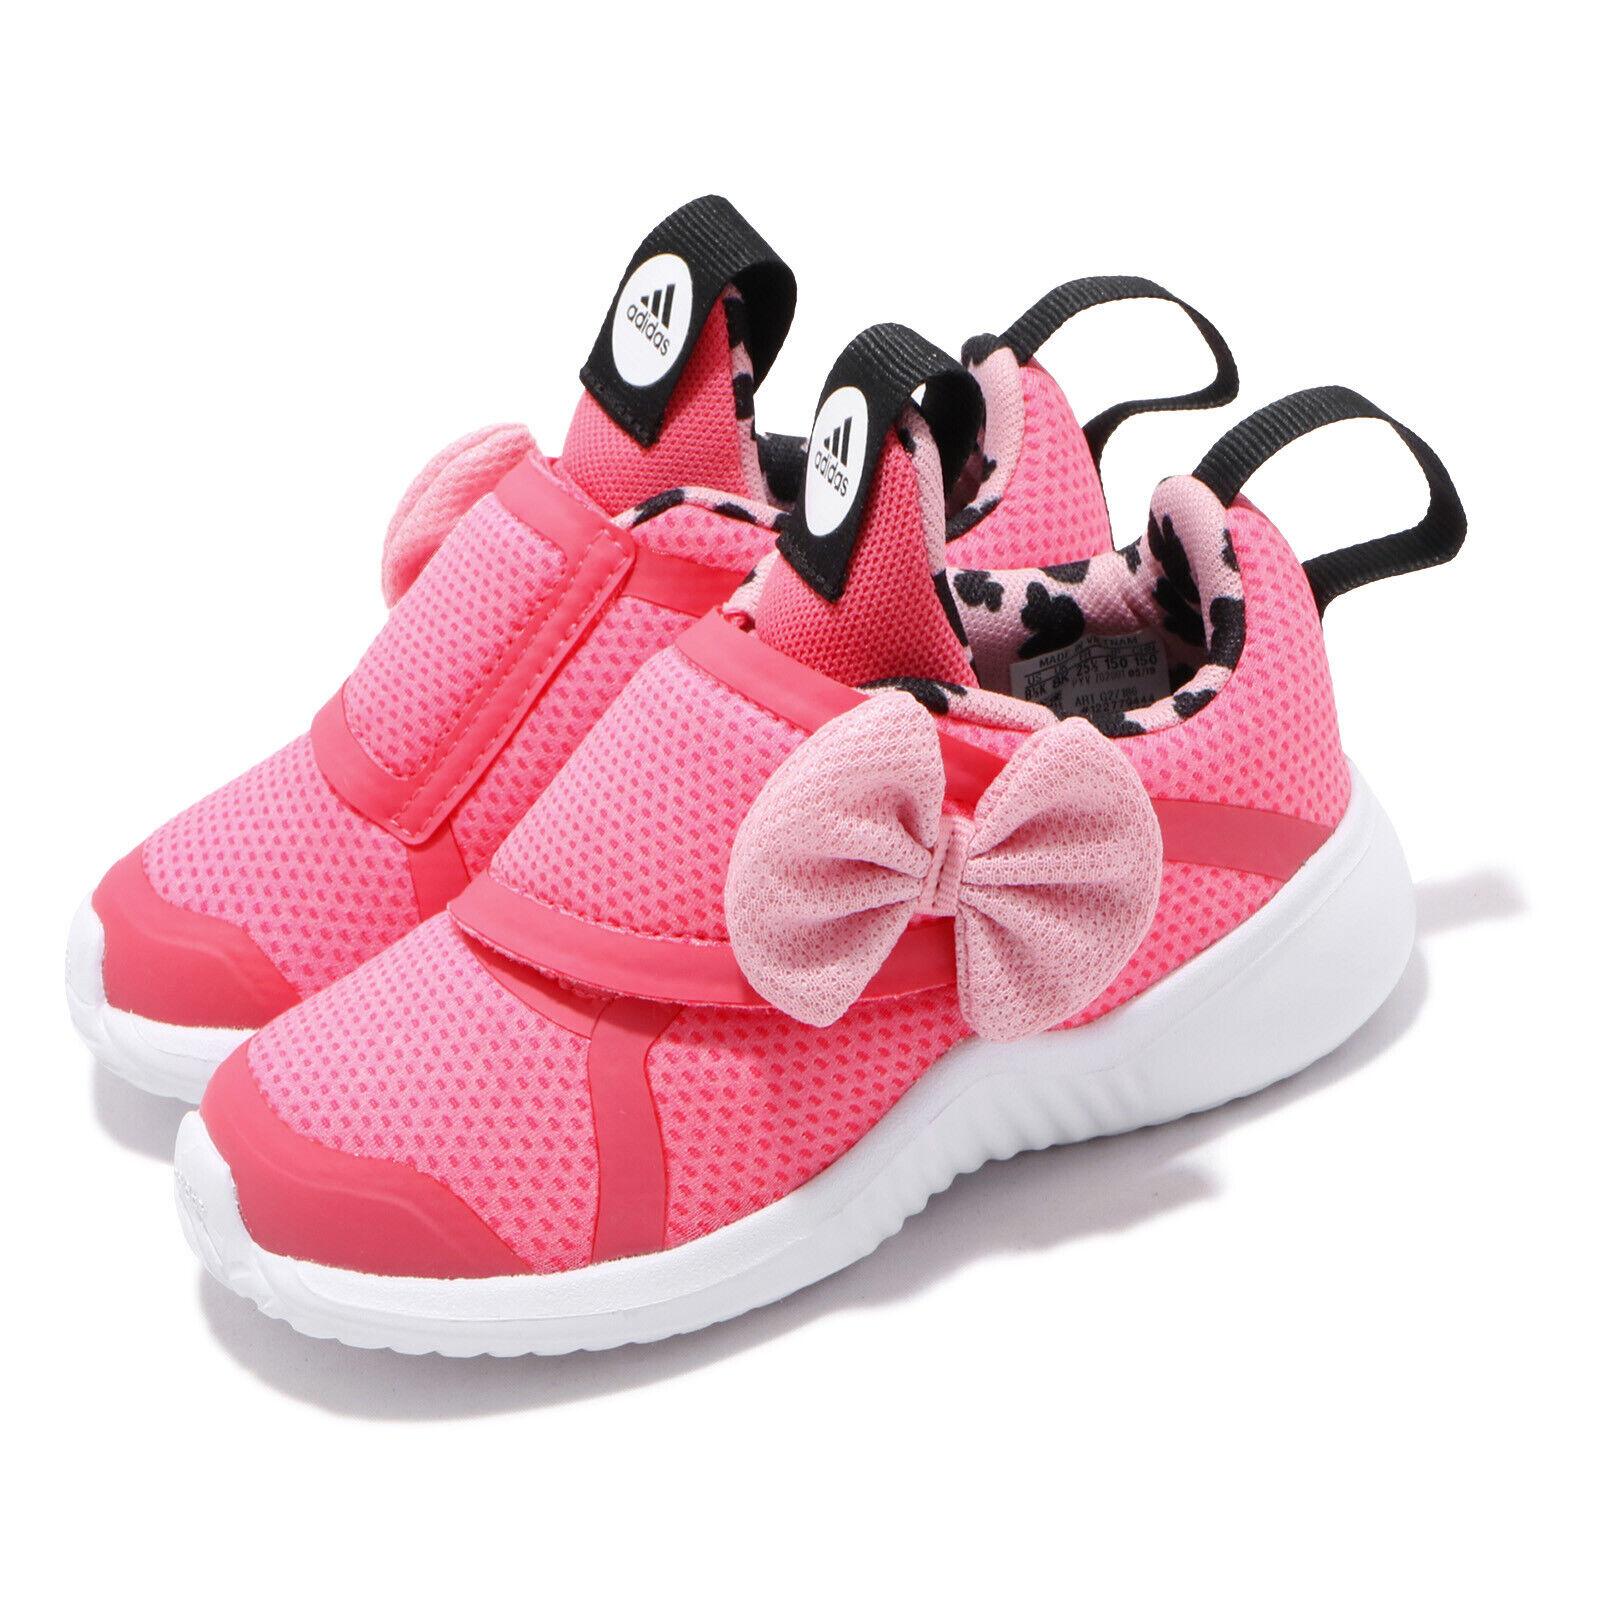 adidas FortaRun X Minnie I Pink Black